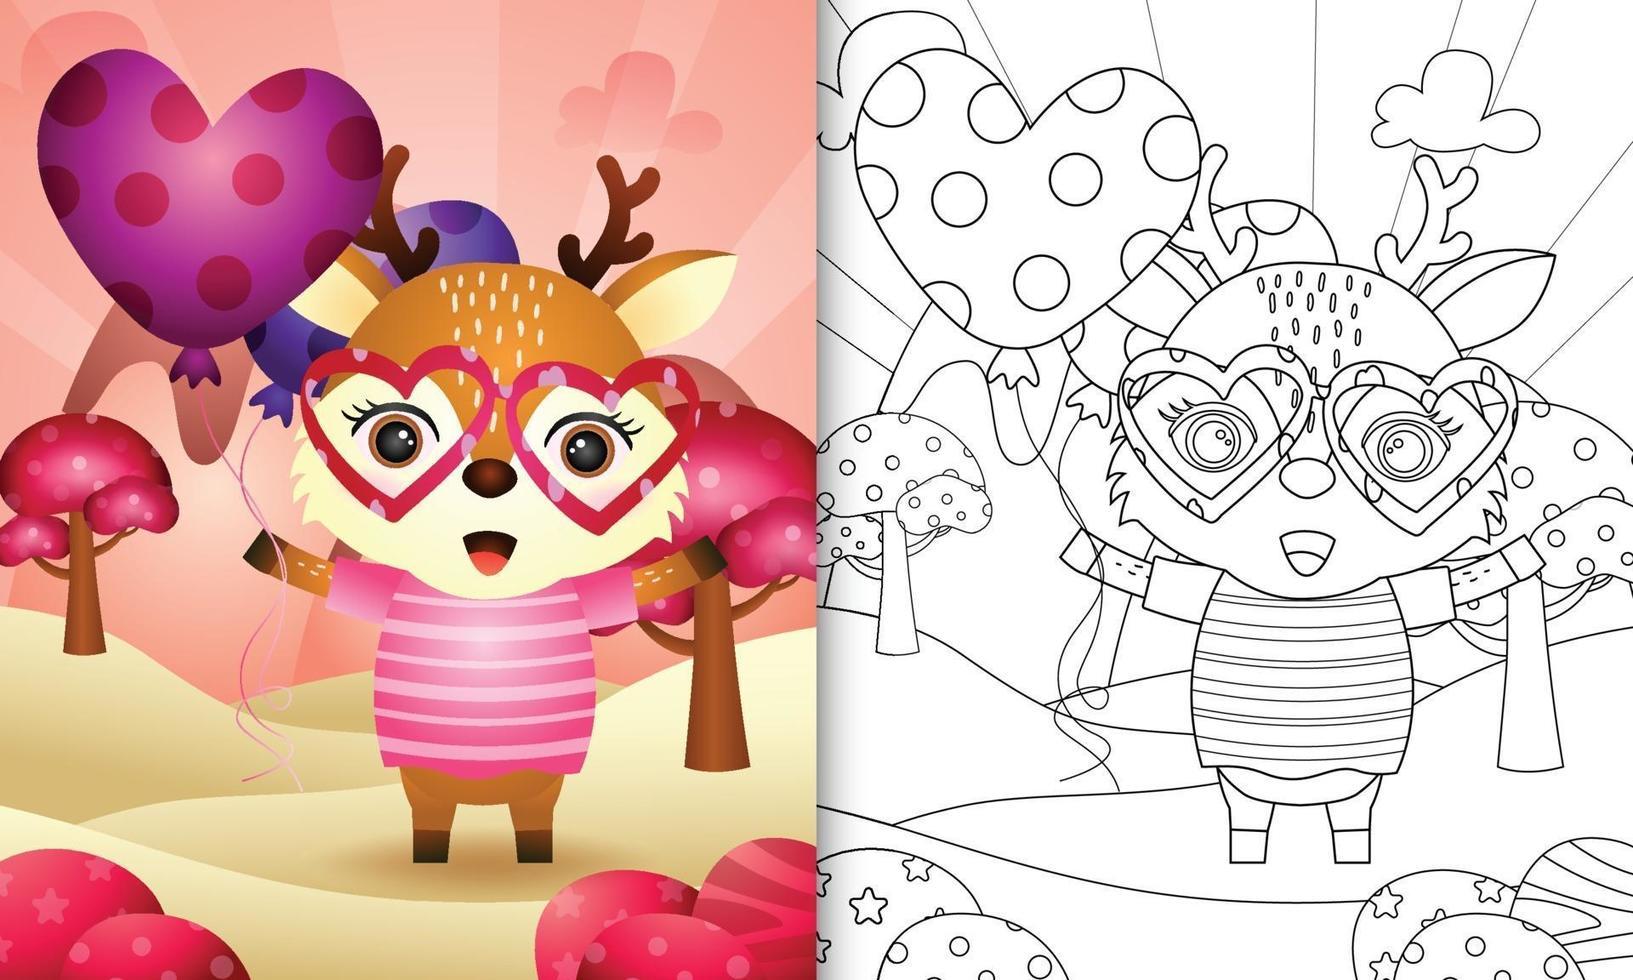 livre de coloriage pour les enfants avec un joli cerf tenant un ballon pour la saint valentin vecteur